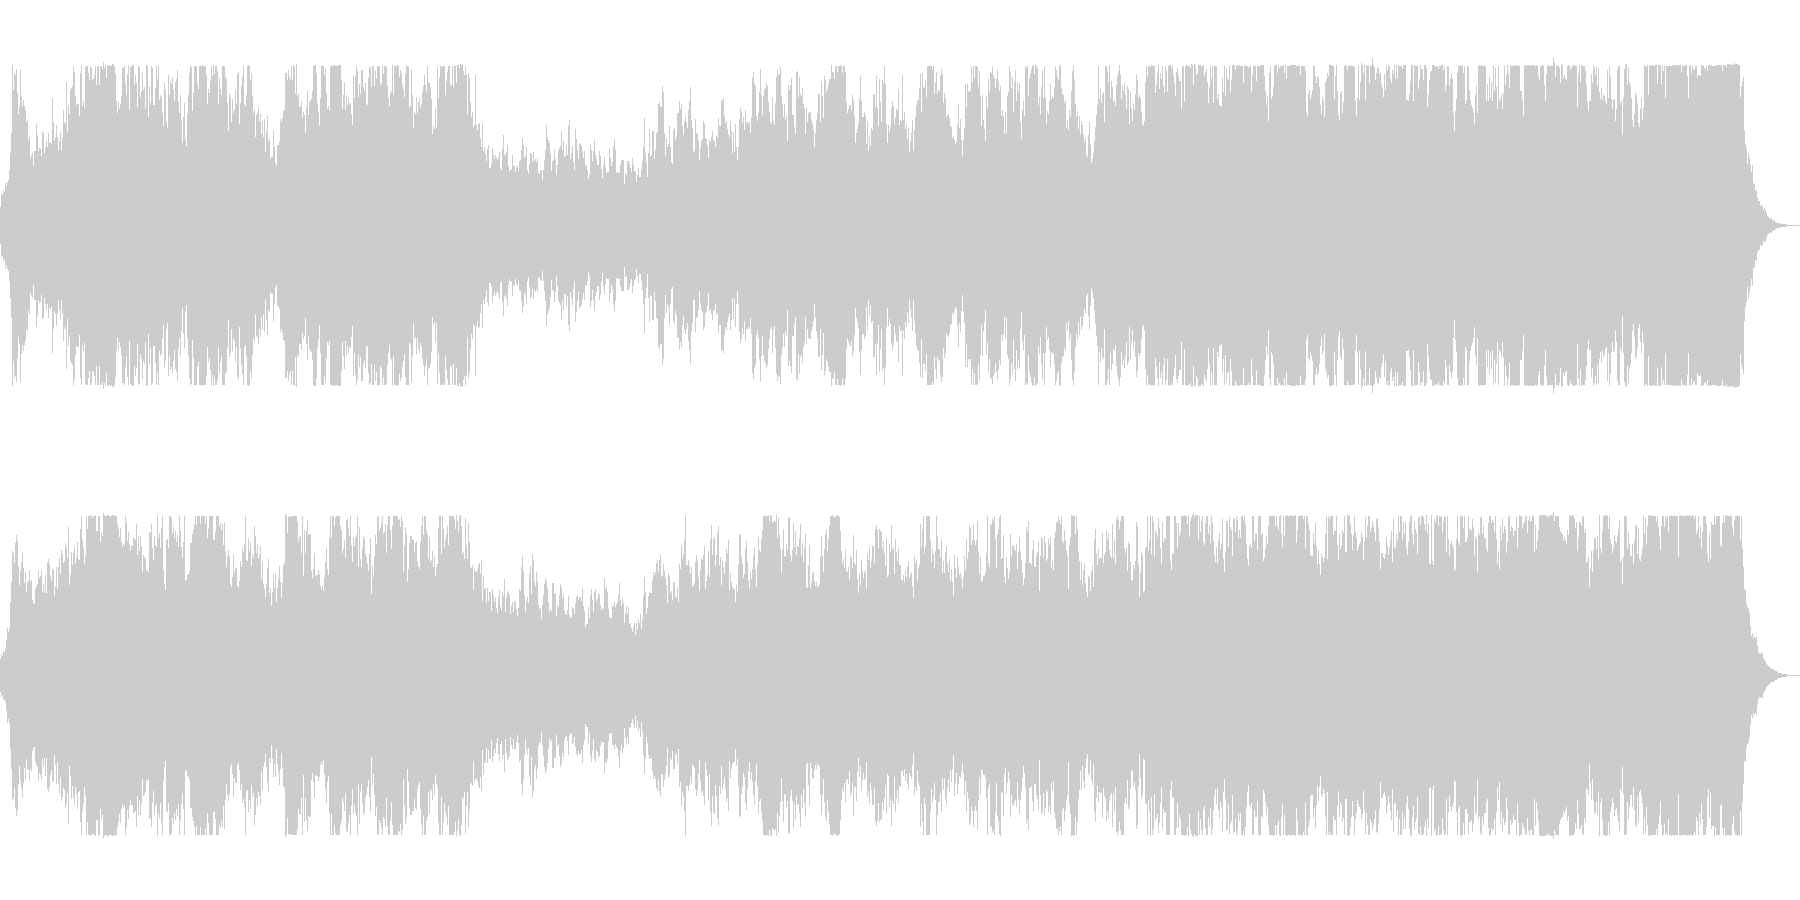 吹奏楽器が雄大さを表現するオーケストラの未再生の波形